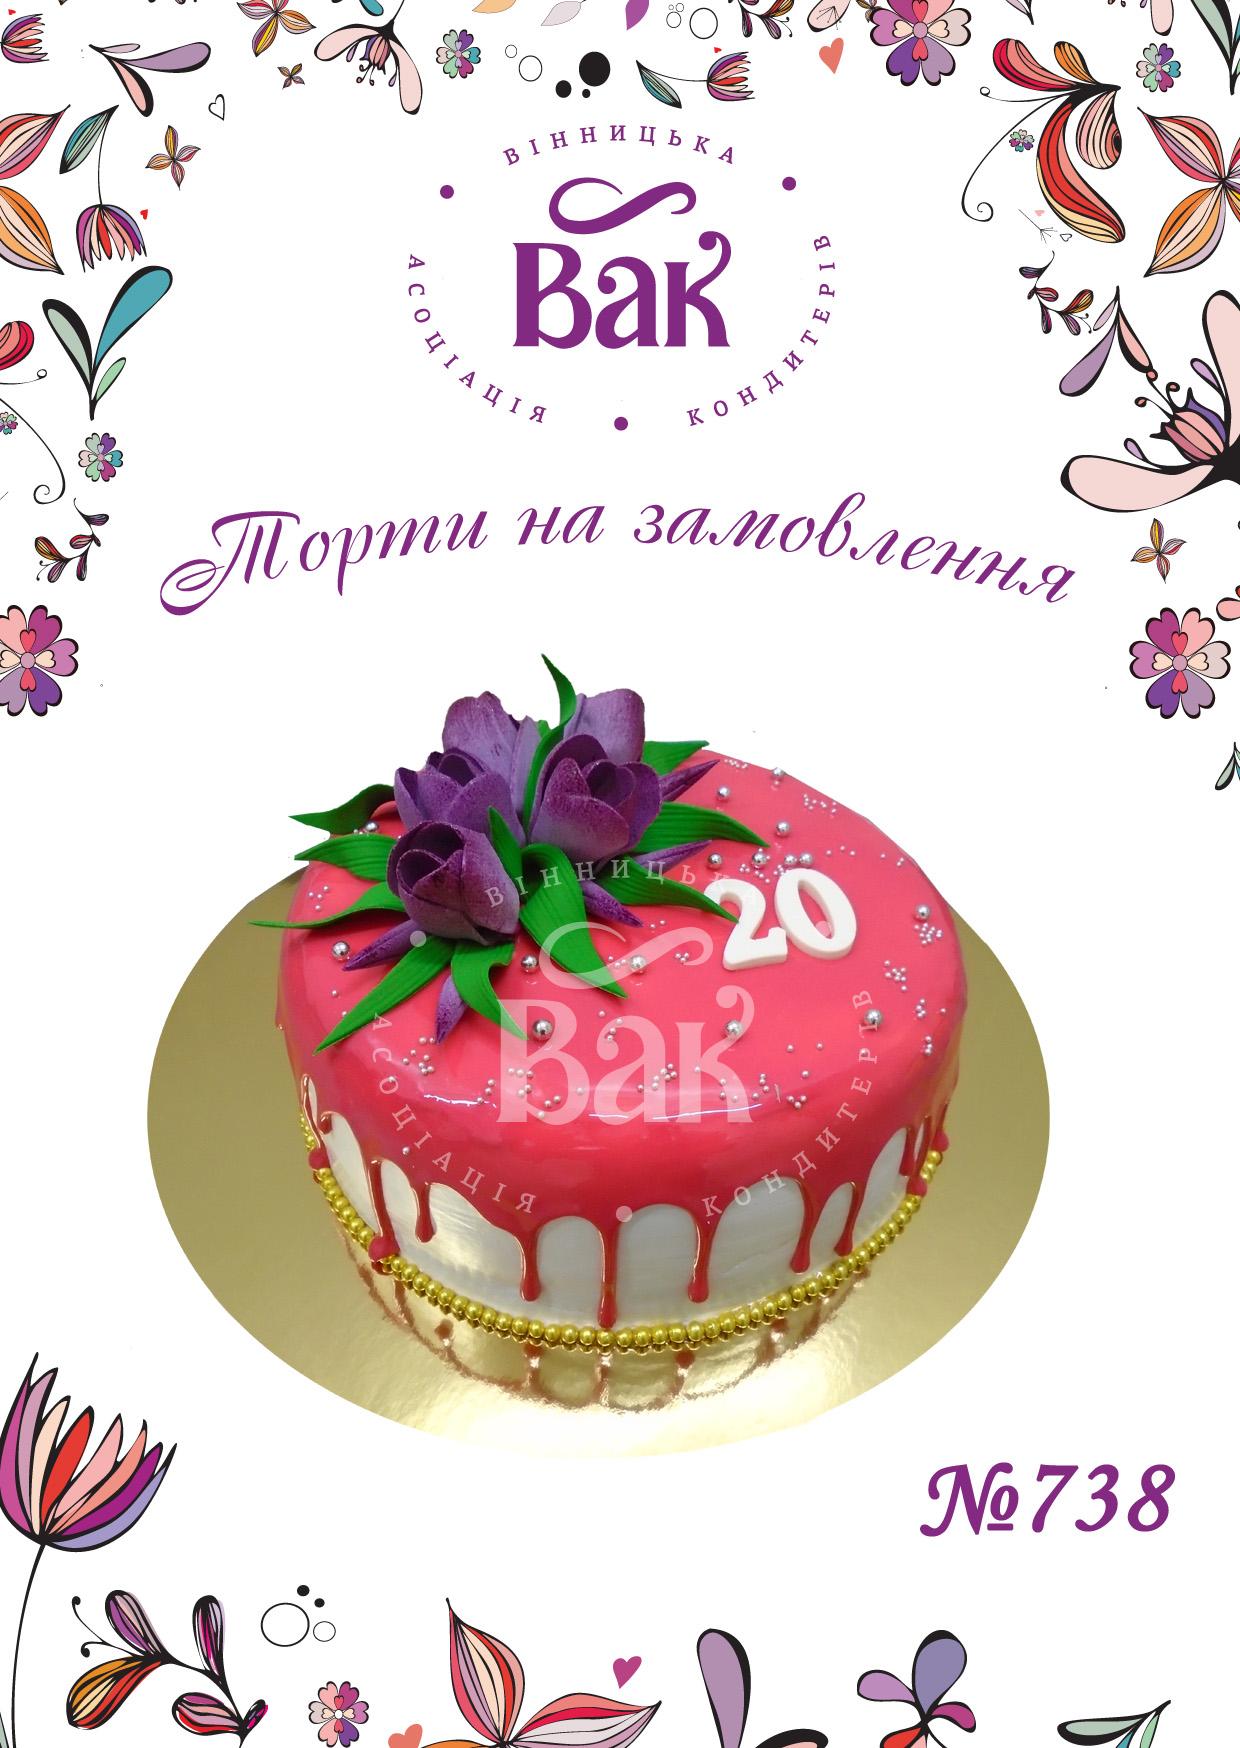 Торты на День Рождения на 20 лет — подборка фото (24)